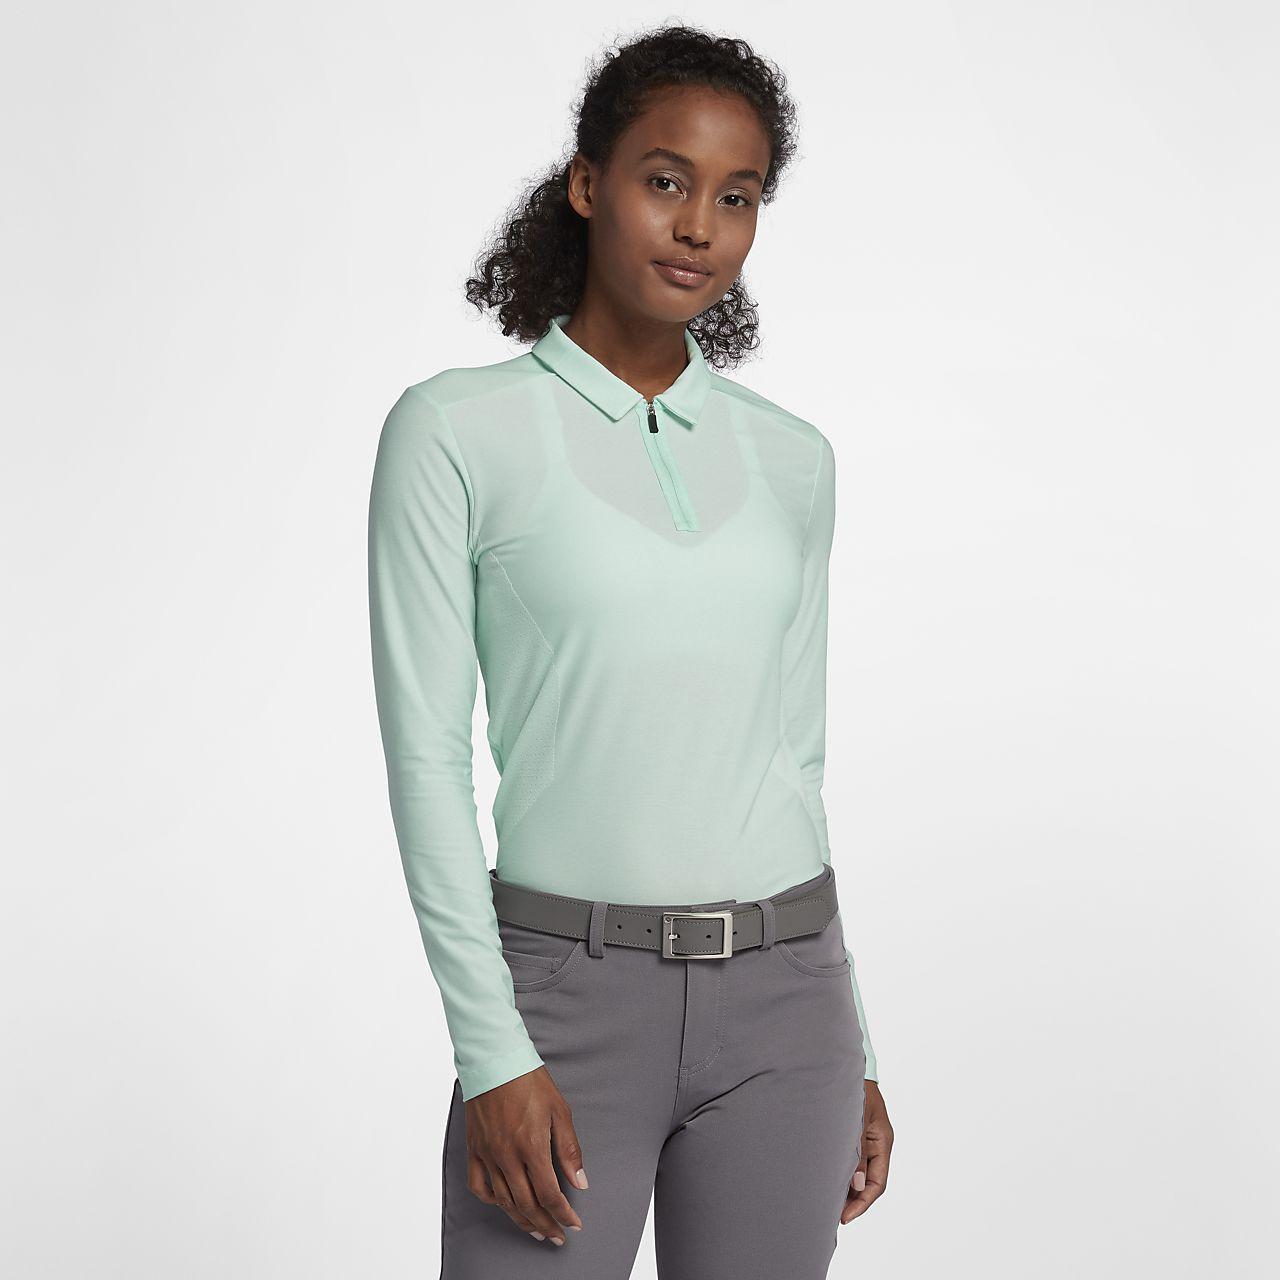 Γυναικεία μακρυμάνικη μπλούζα πόλο για γκολφ Nike Zonal Cooling